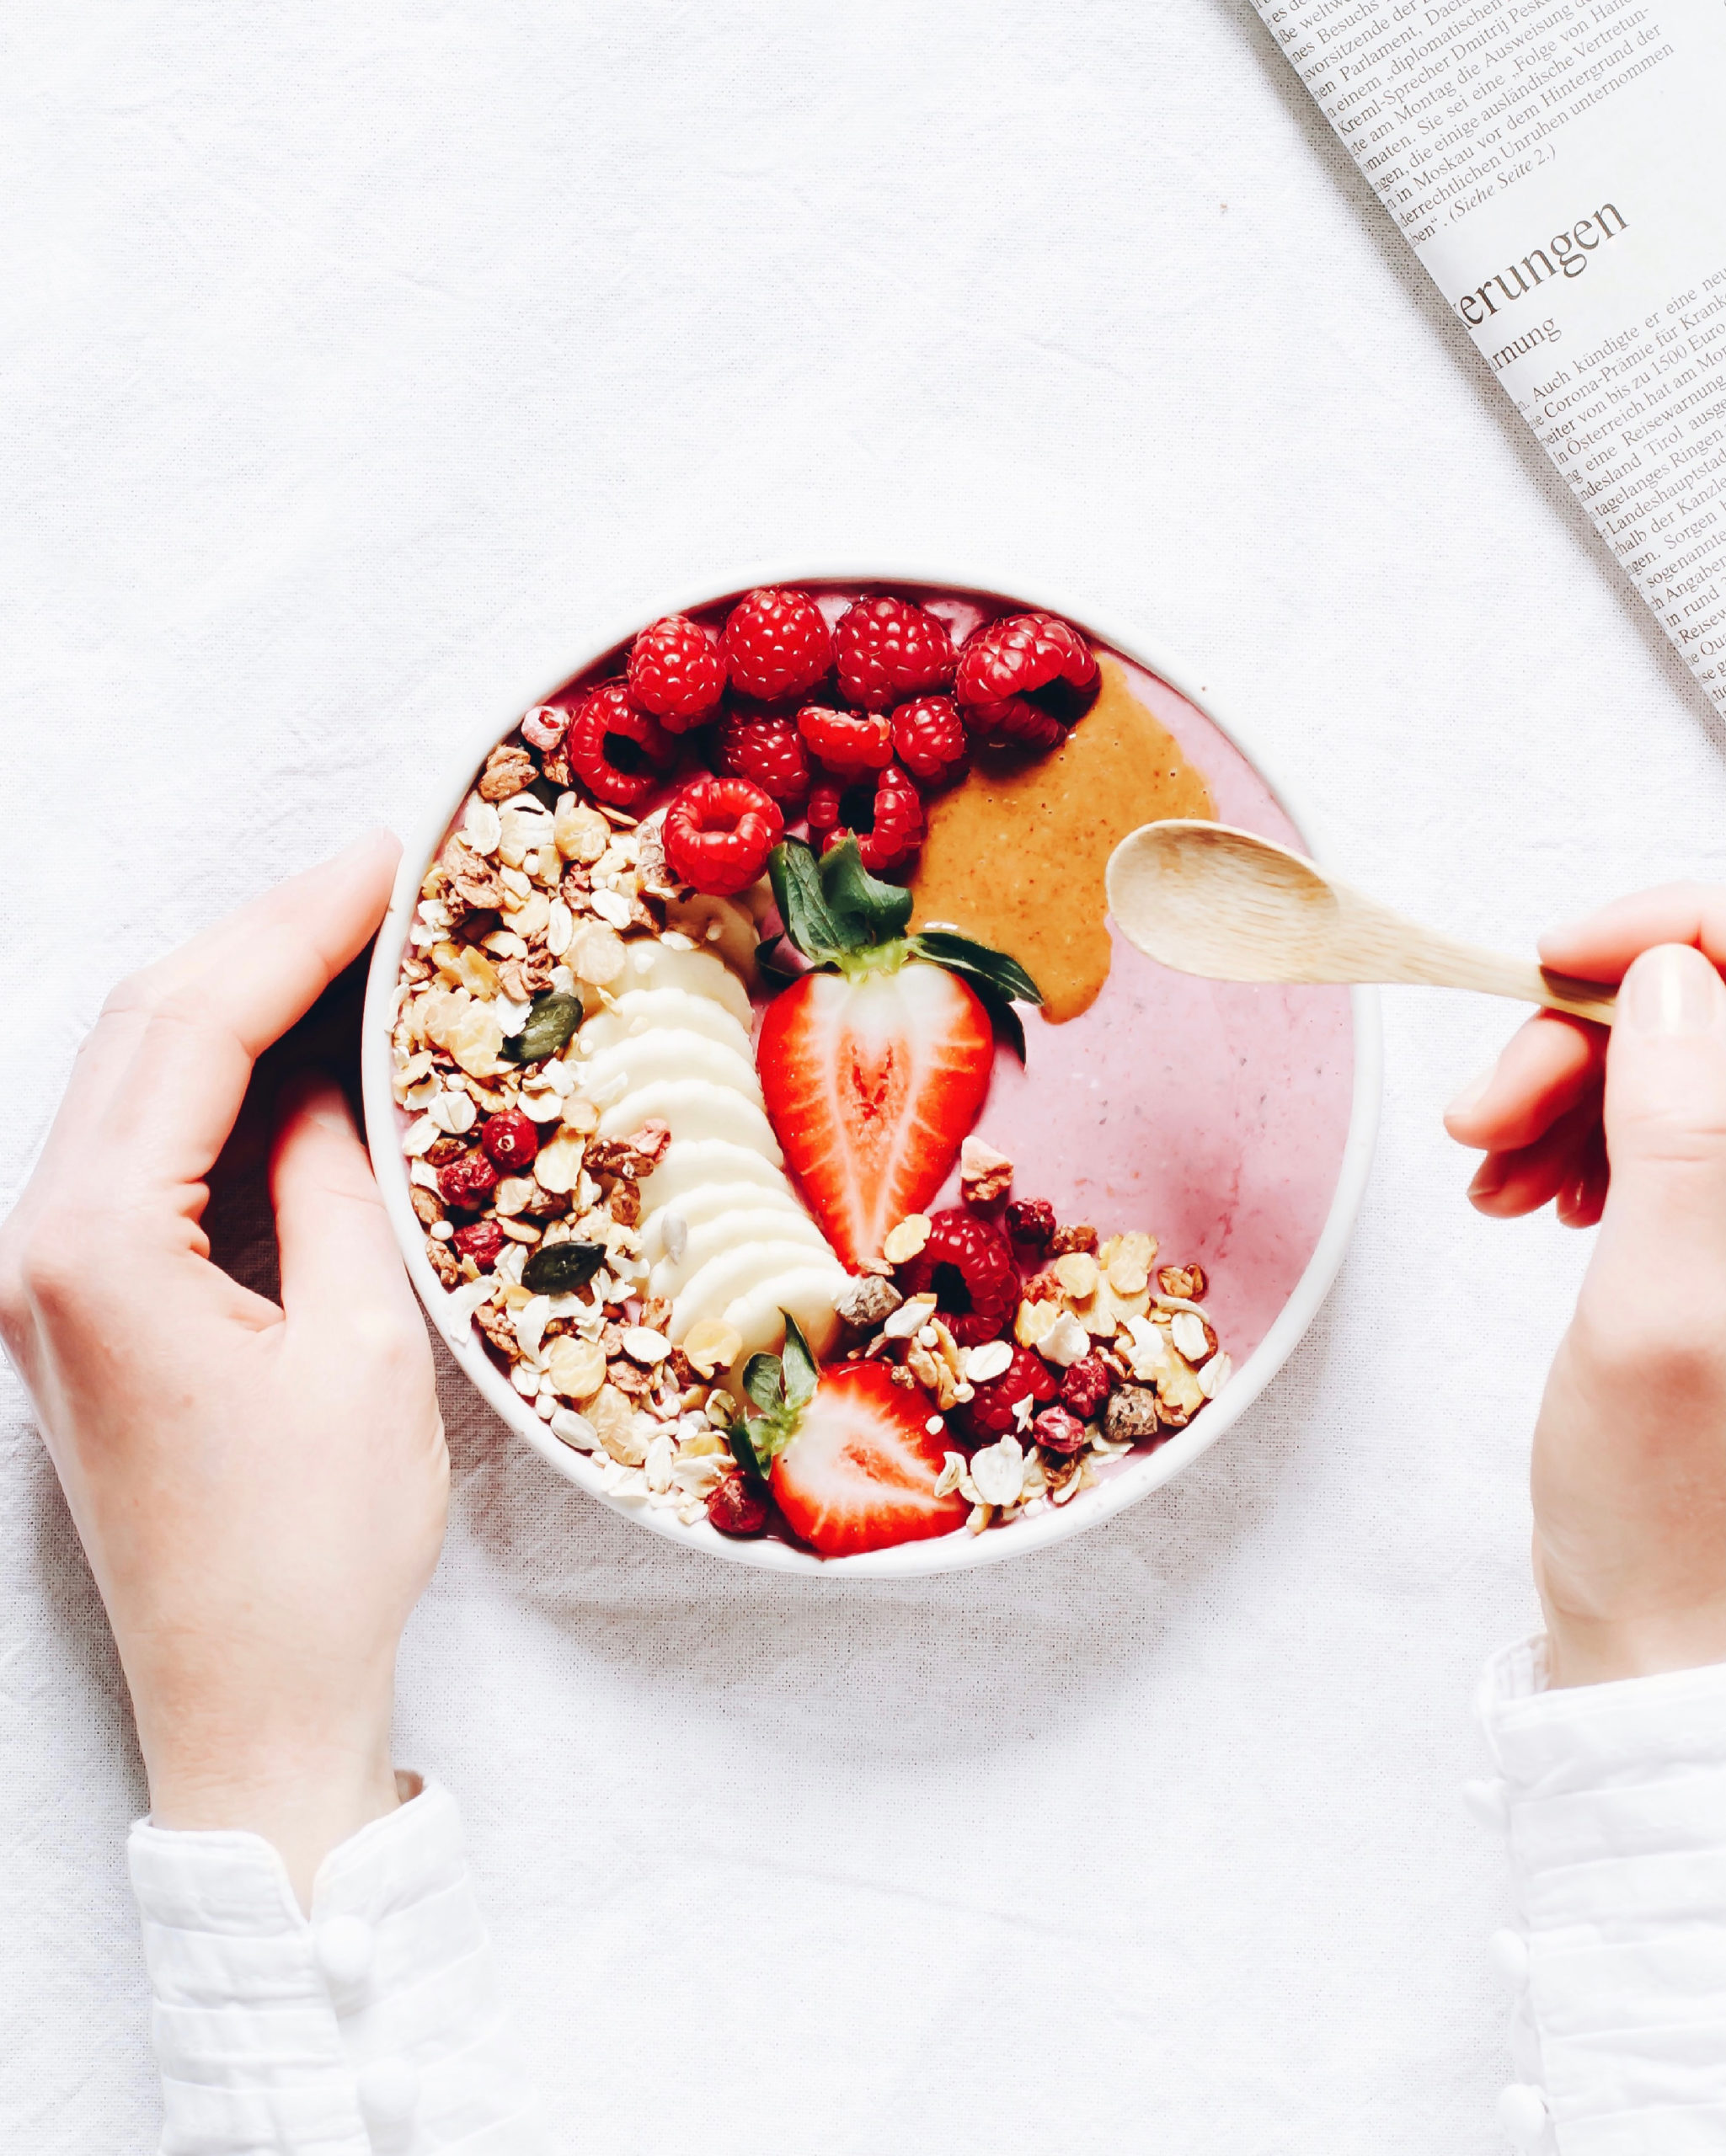 Food Fotografie Smoothie Bowl mit Müsli und Beeren